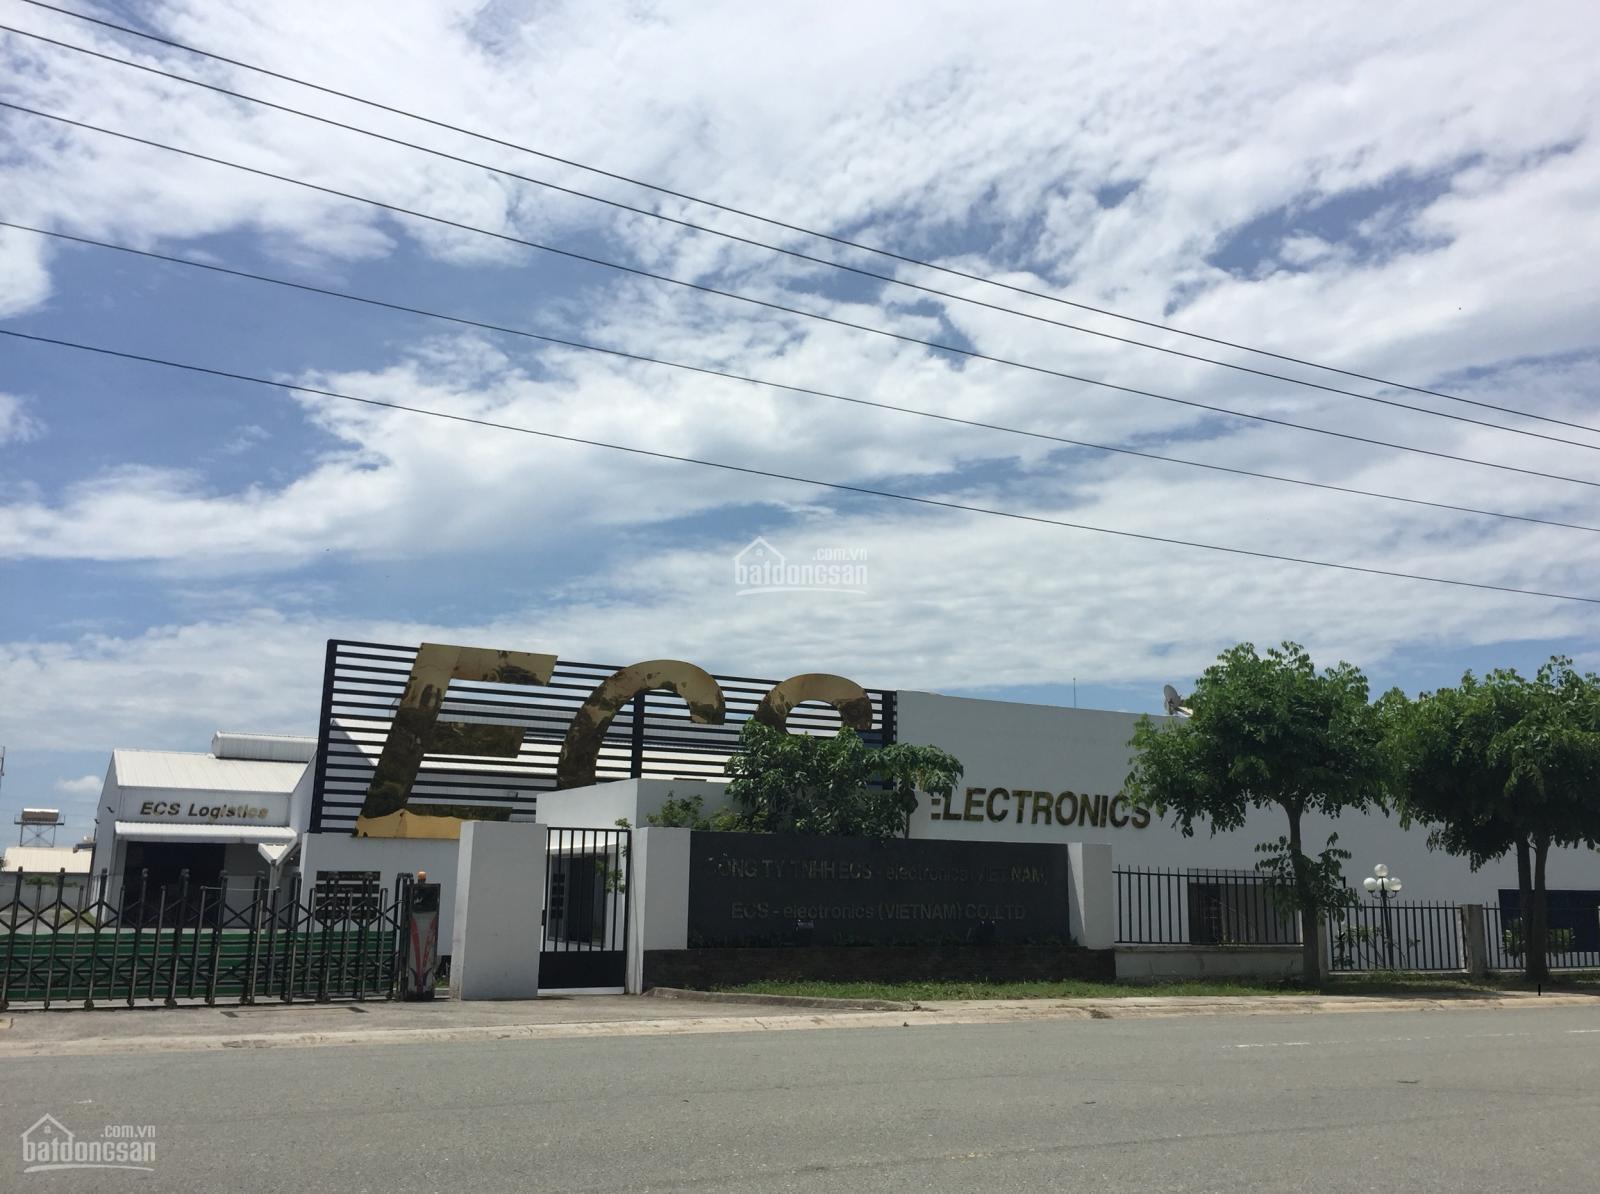 chi tiết Bán 300m2 đất thổ cư 100, sổ hồng riêng, ở khu đô thị Bình Dương lấy tiền mở Nhà trẻ ở Thủ Dầu 1 LH: 0335423802